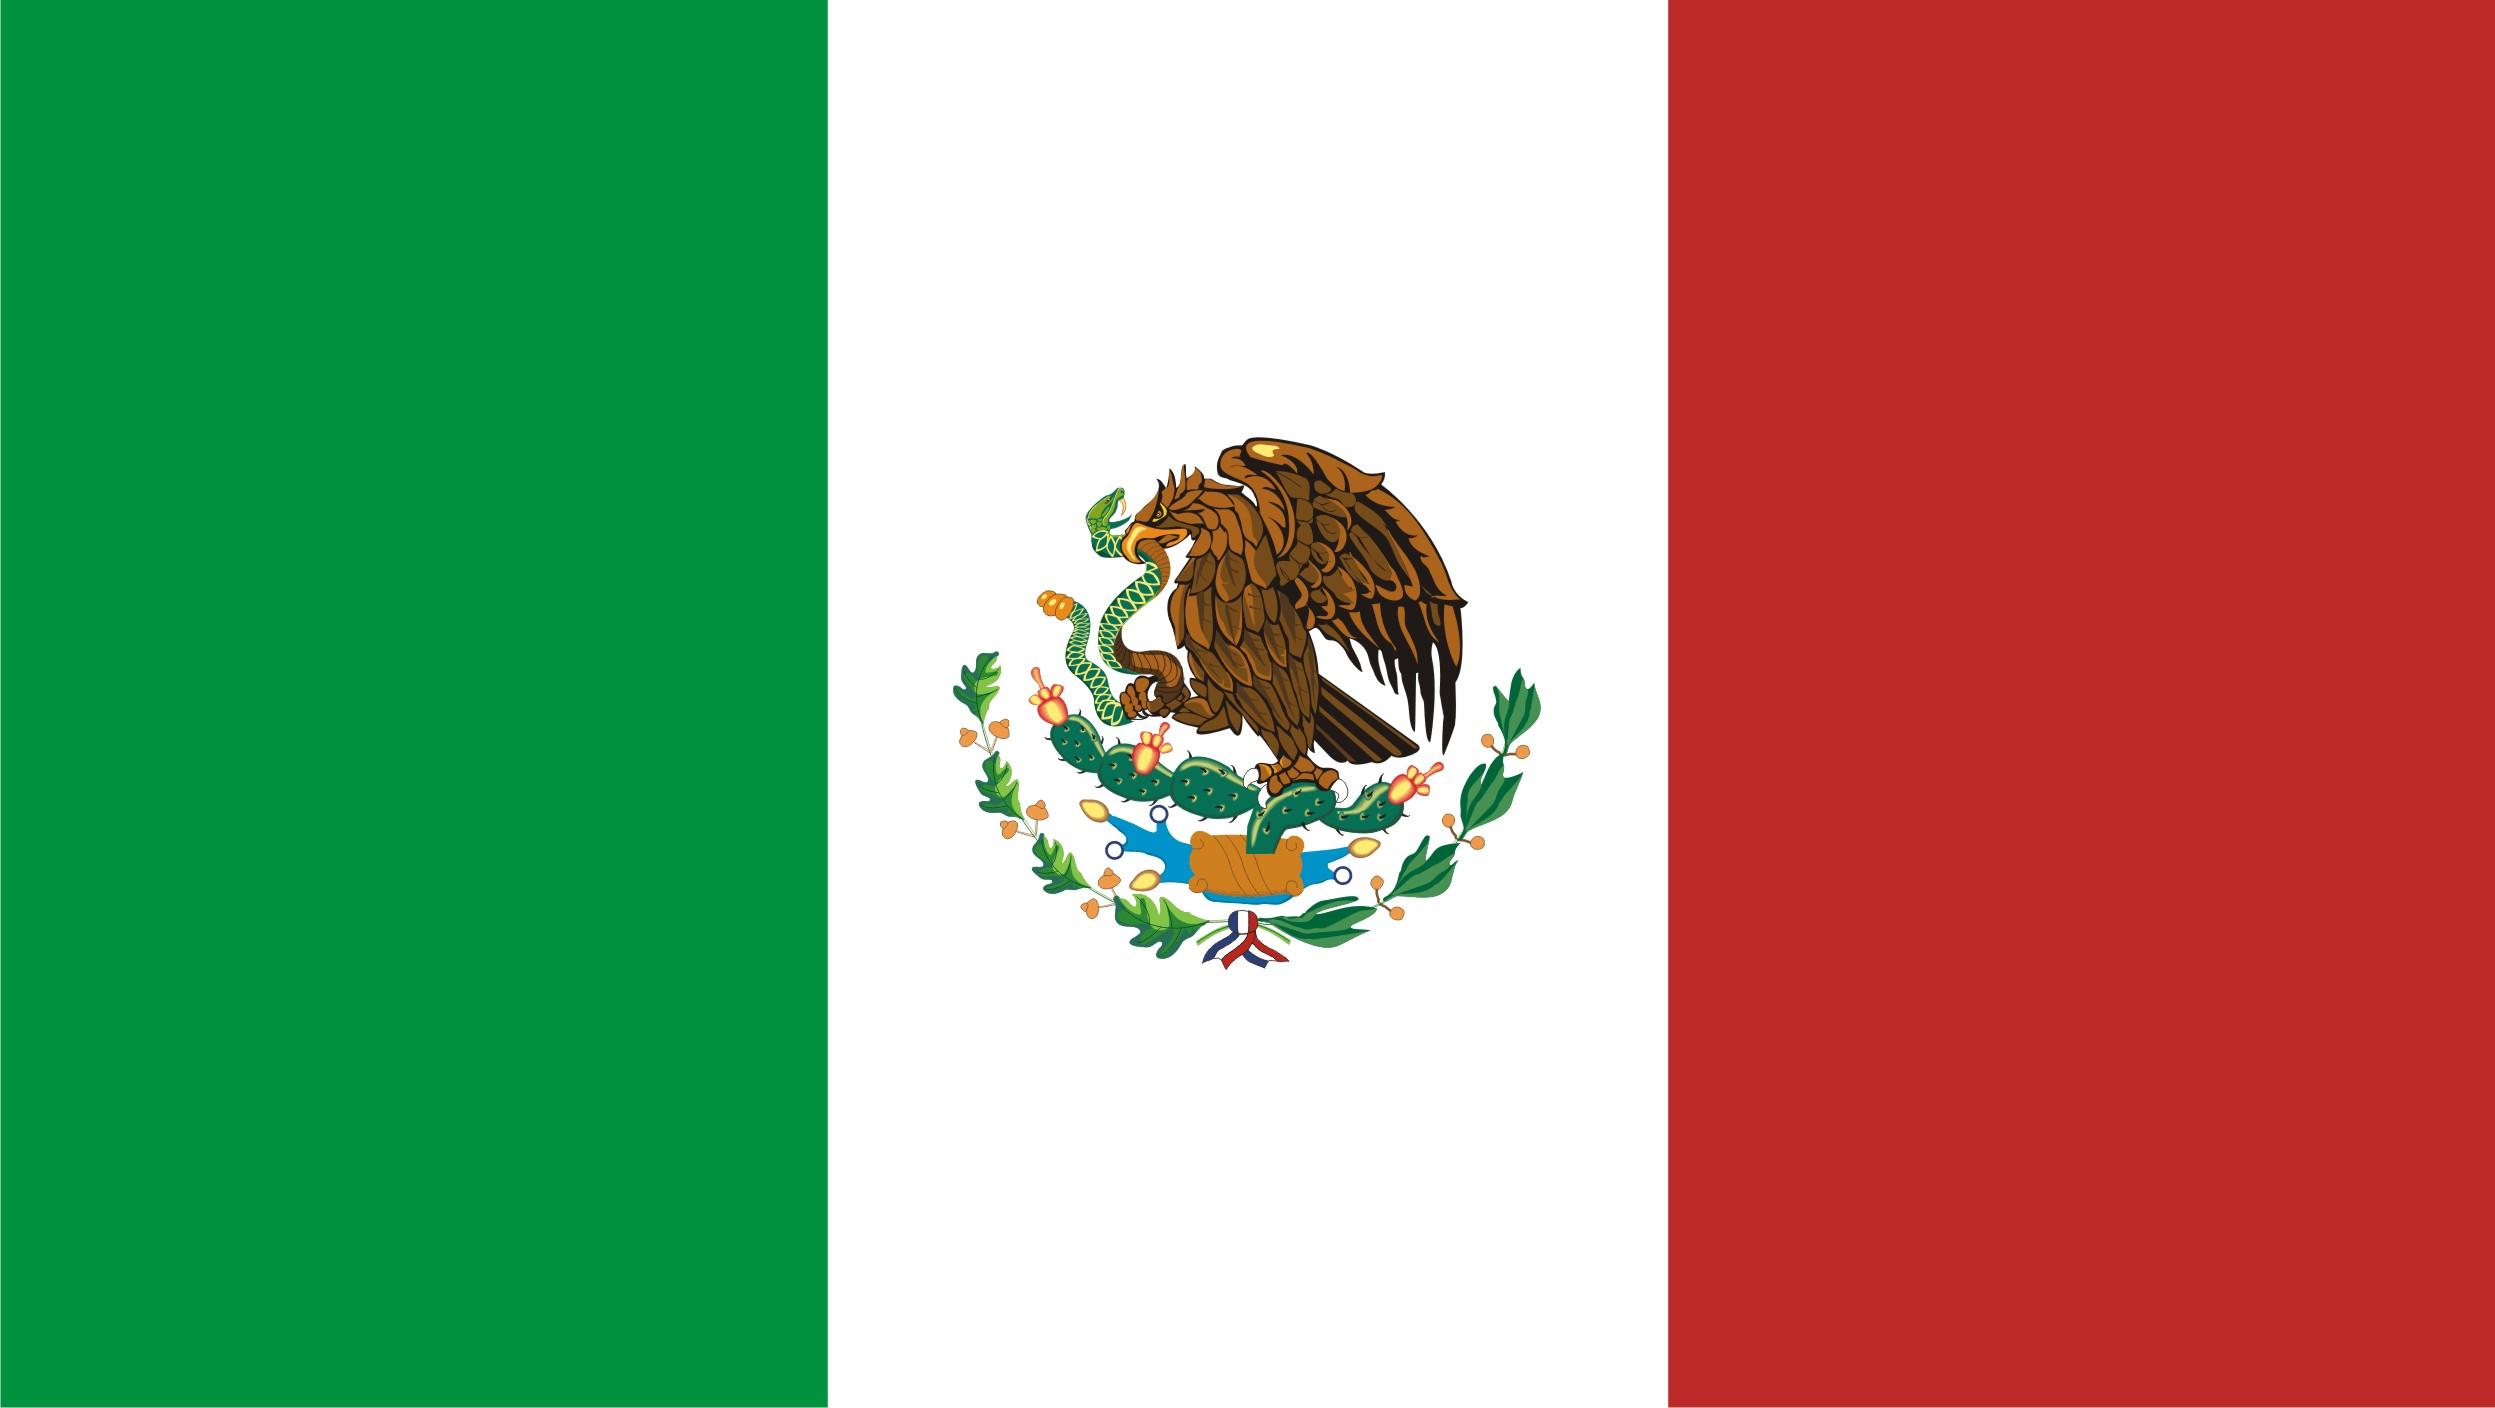 Icono De Ubicacion Icono De Ubicacion Carta Lápiz Png Y: Embajada De México En Rumania